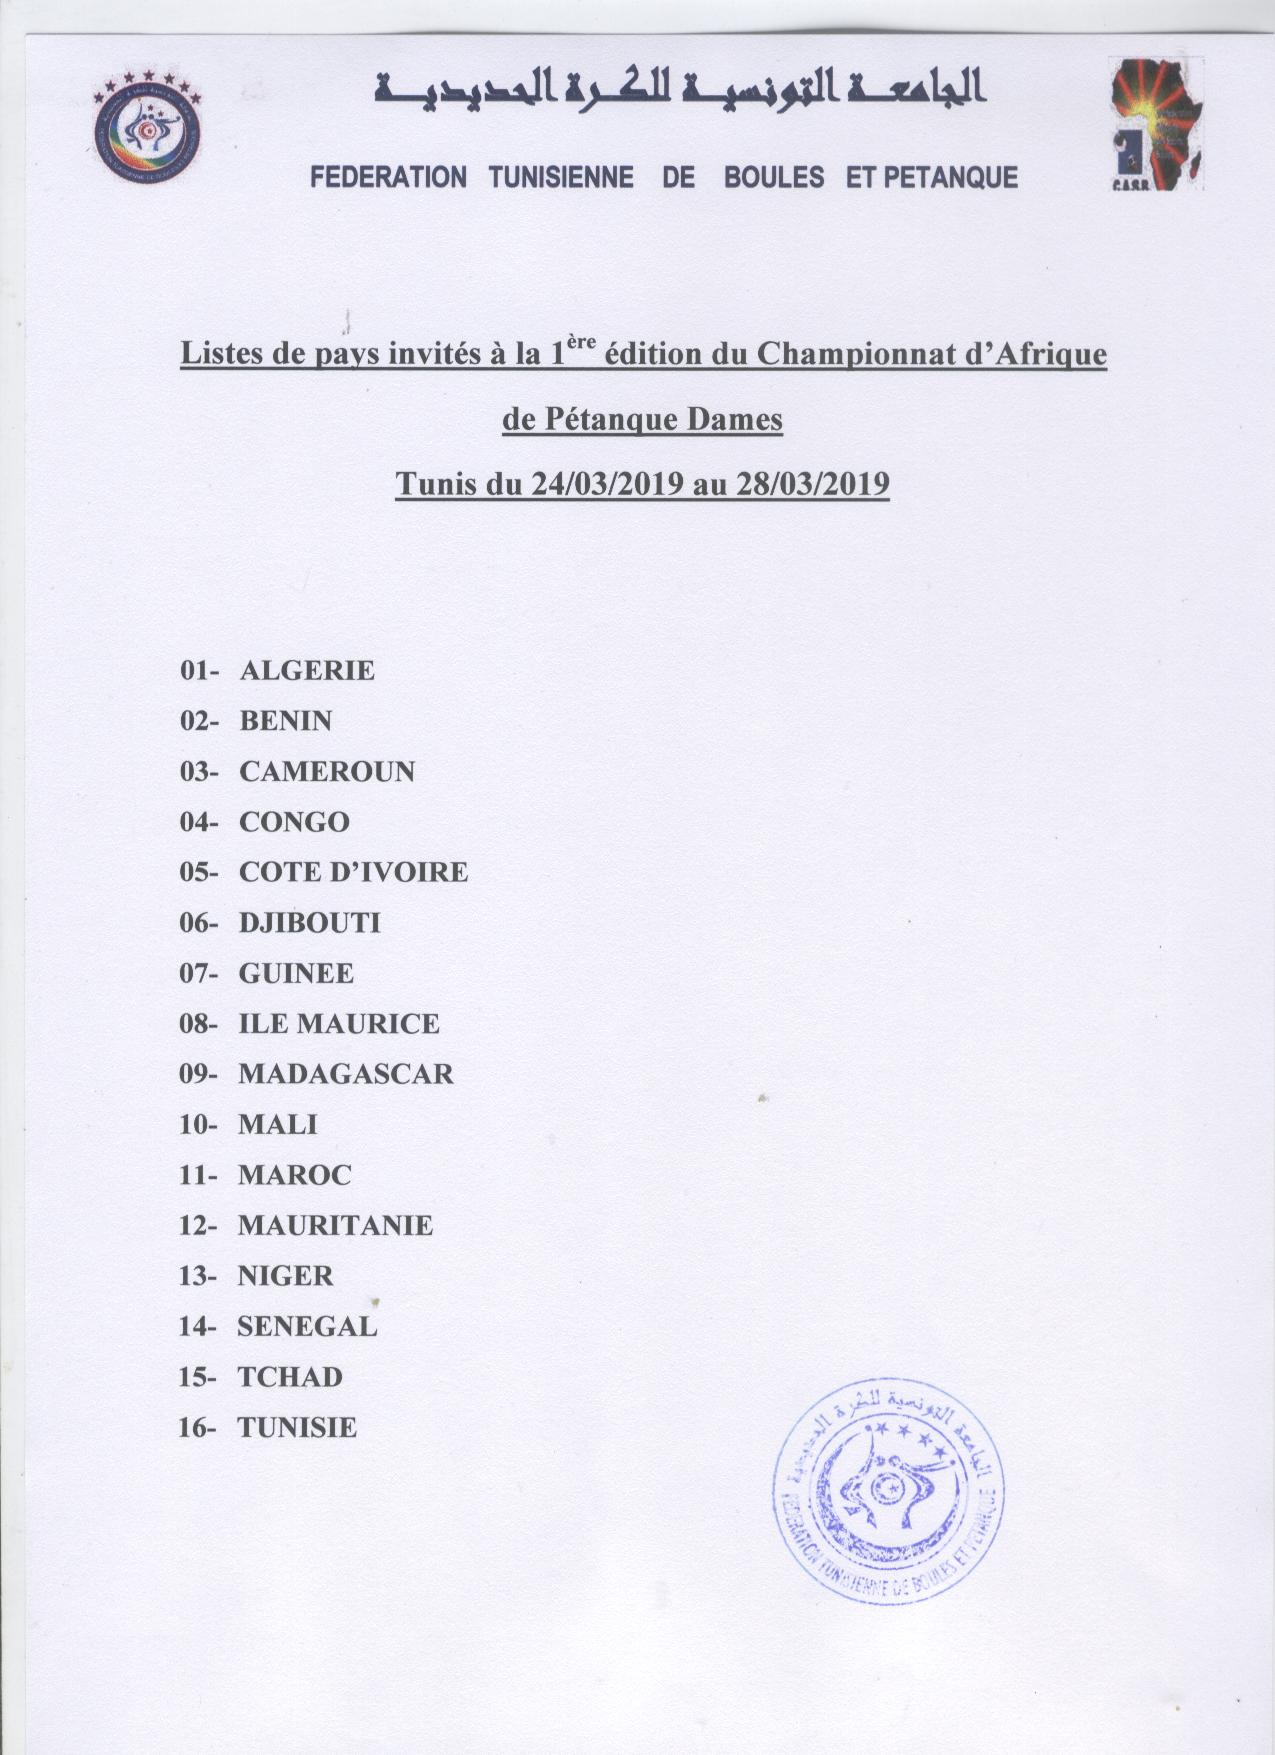 liste des pays invités au champ.afr